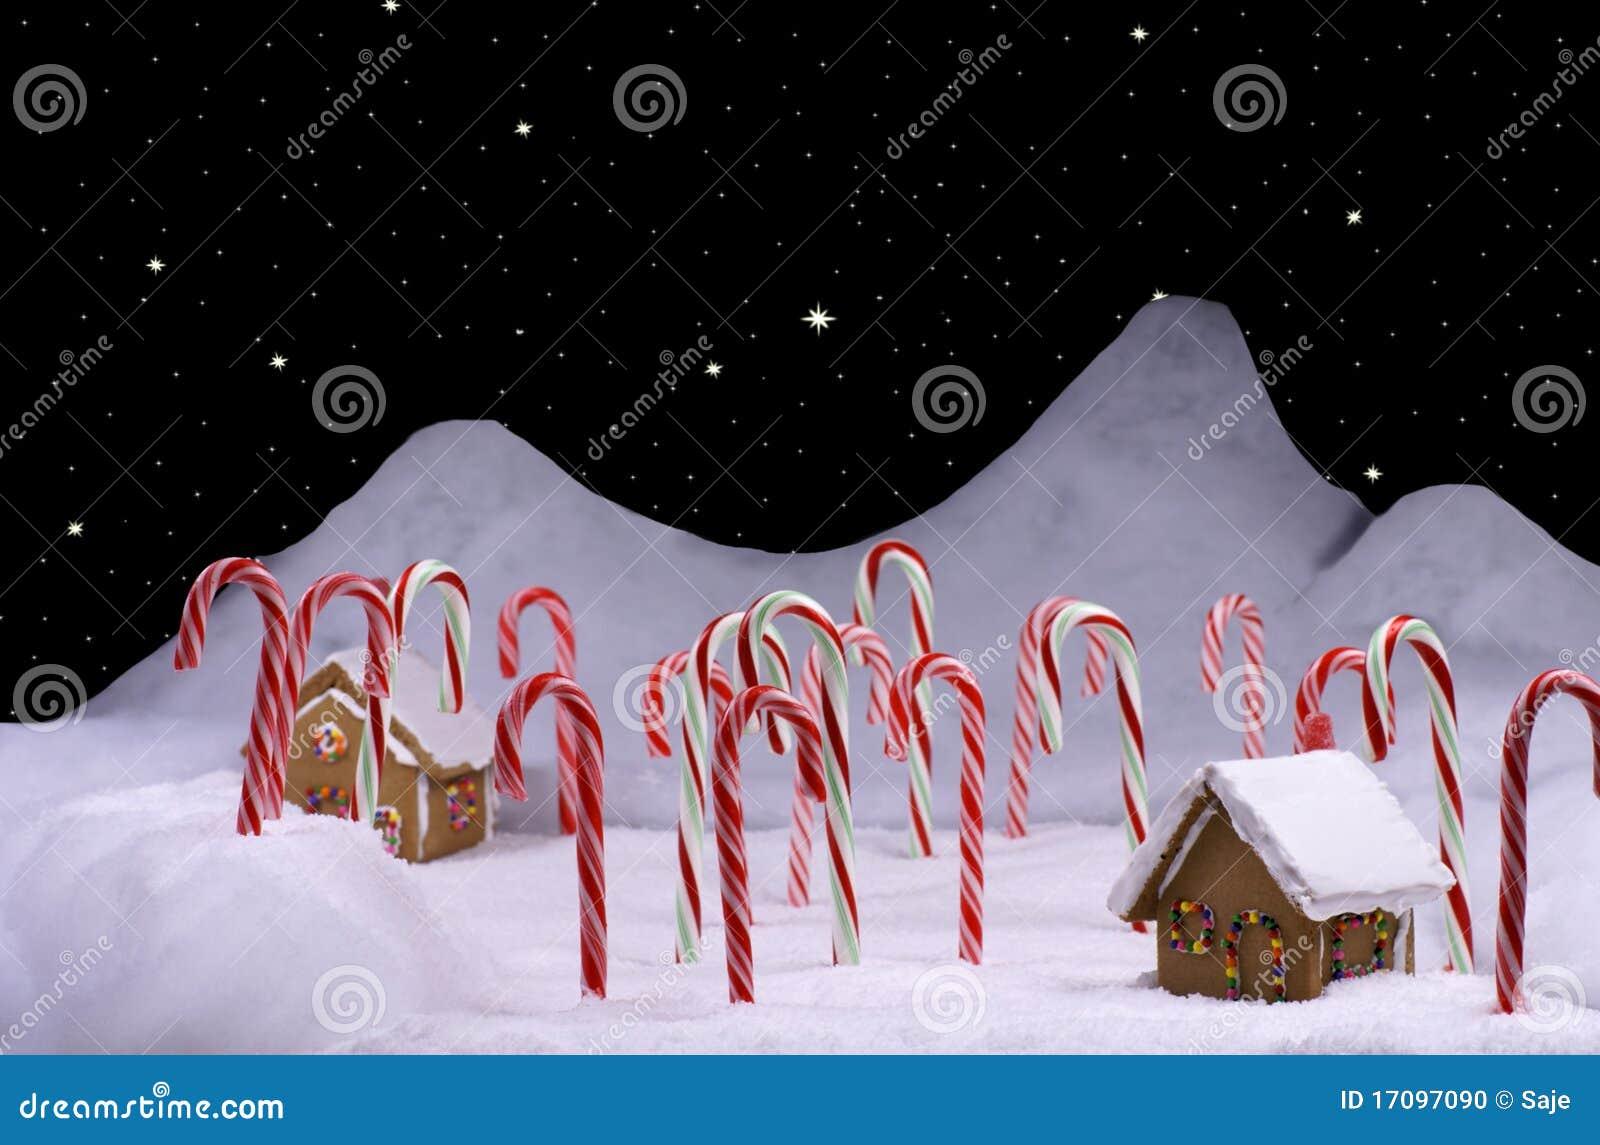 Weihnachtszuckerstange-Wald mit sternenklarem Himmel